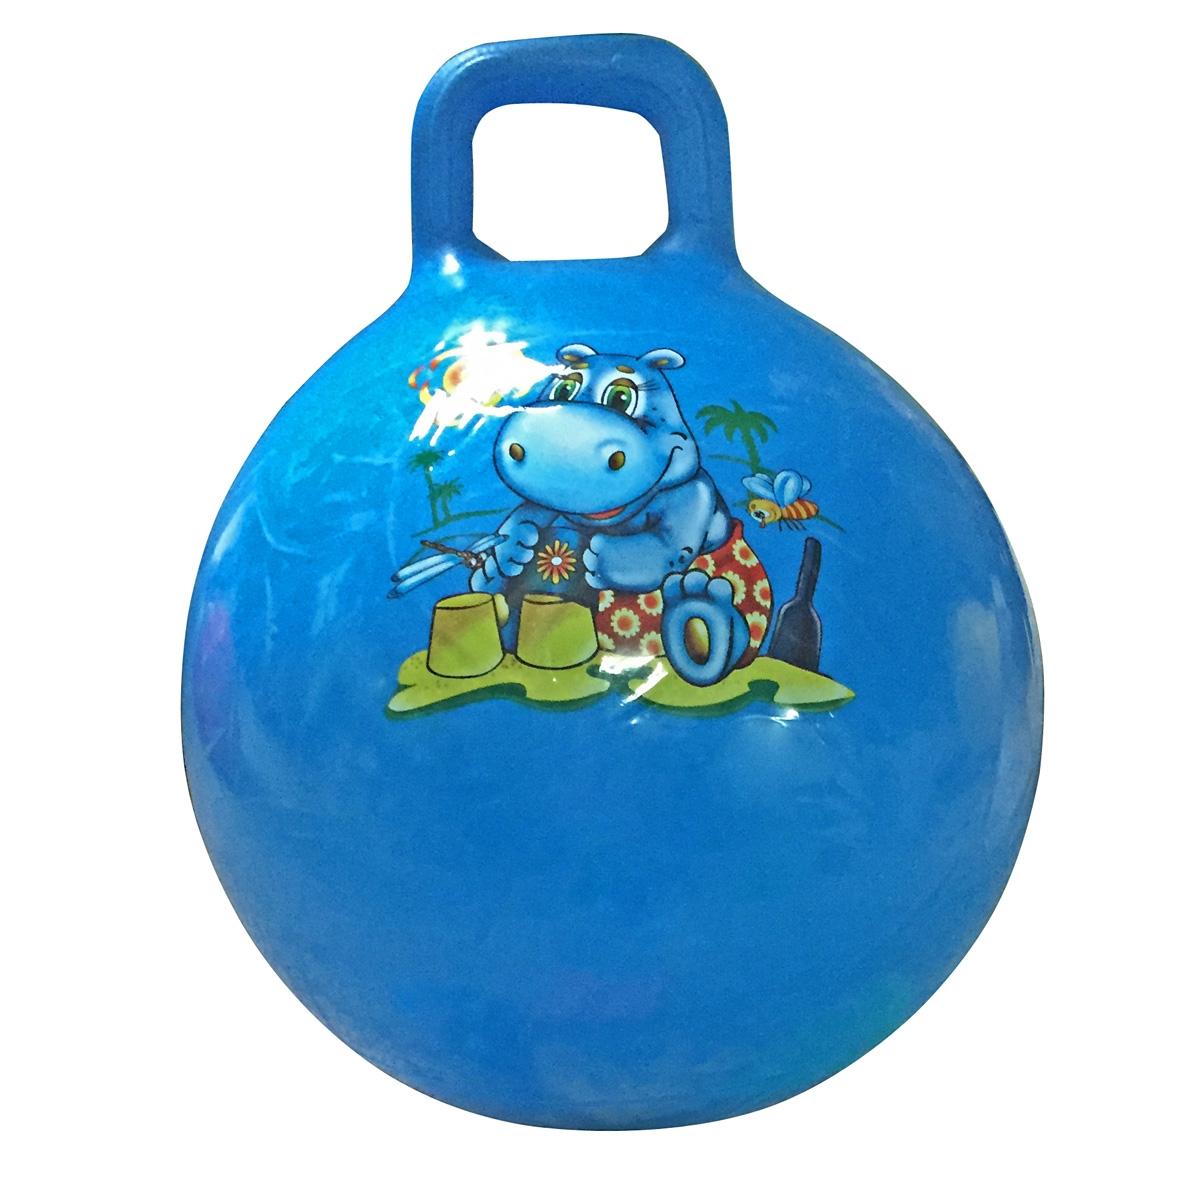 Купить Мячи, 48276, Veld Co, Китай, blue